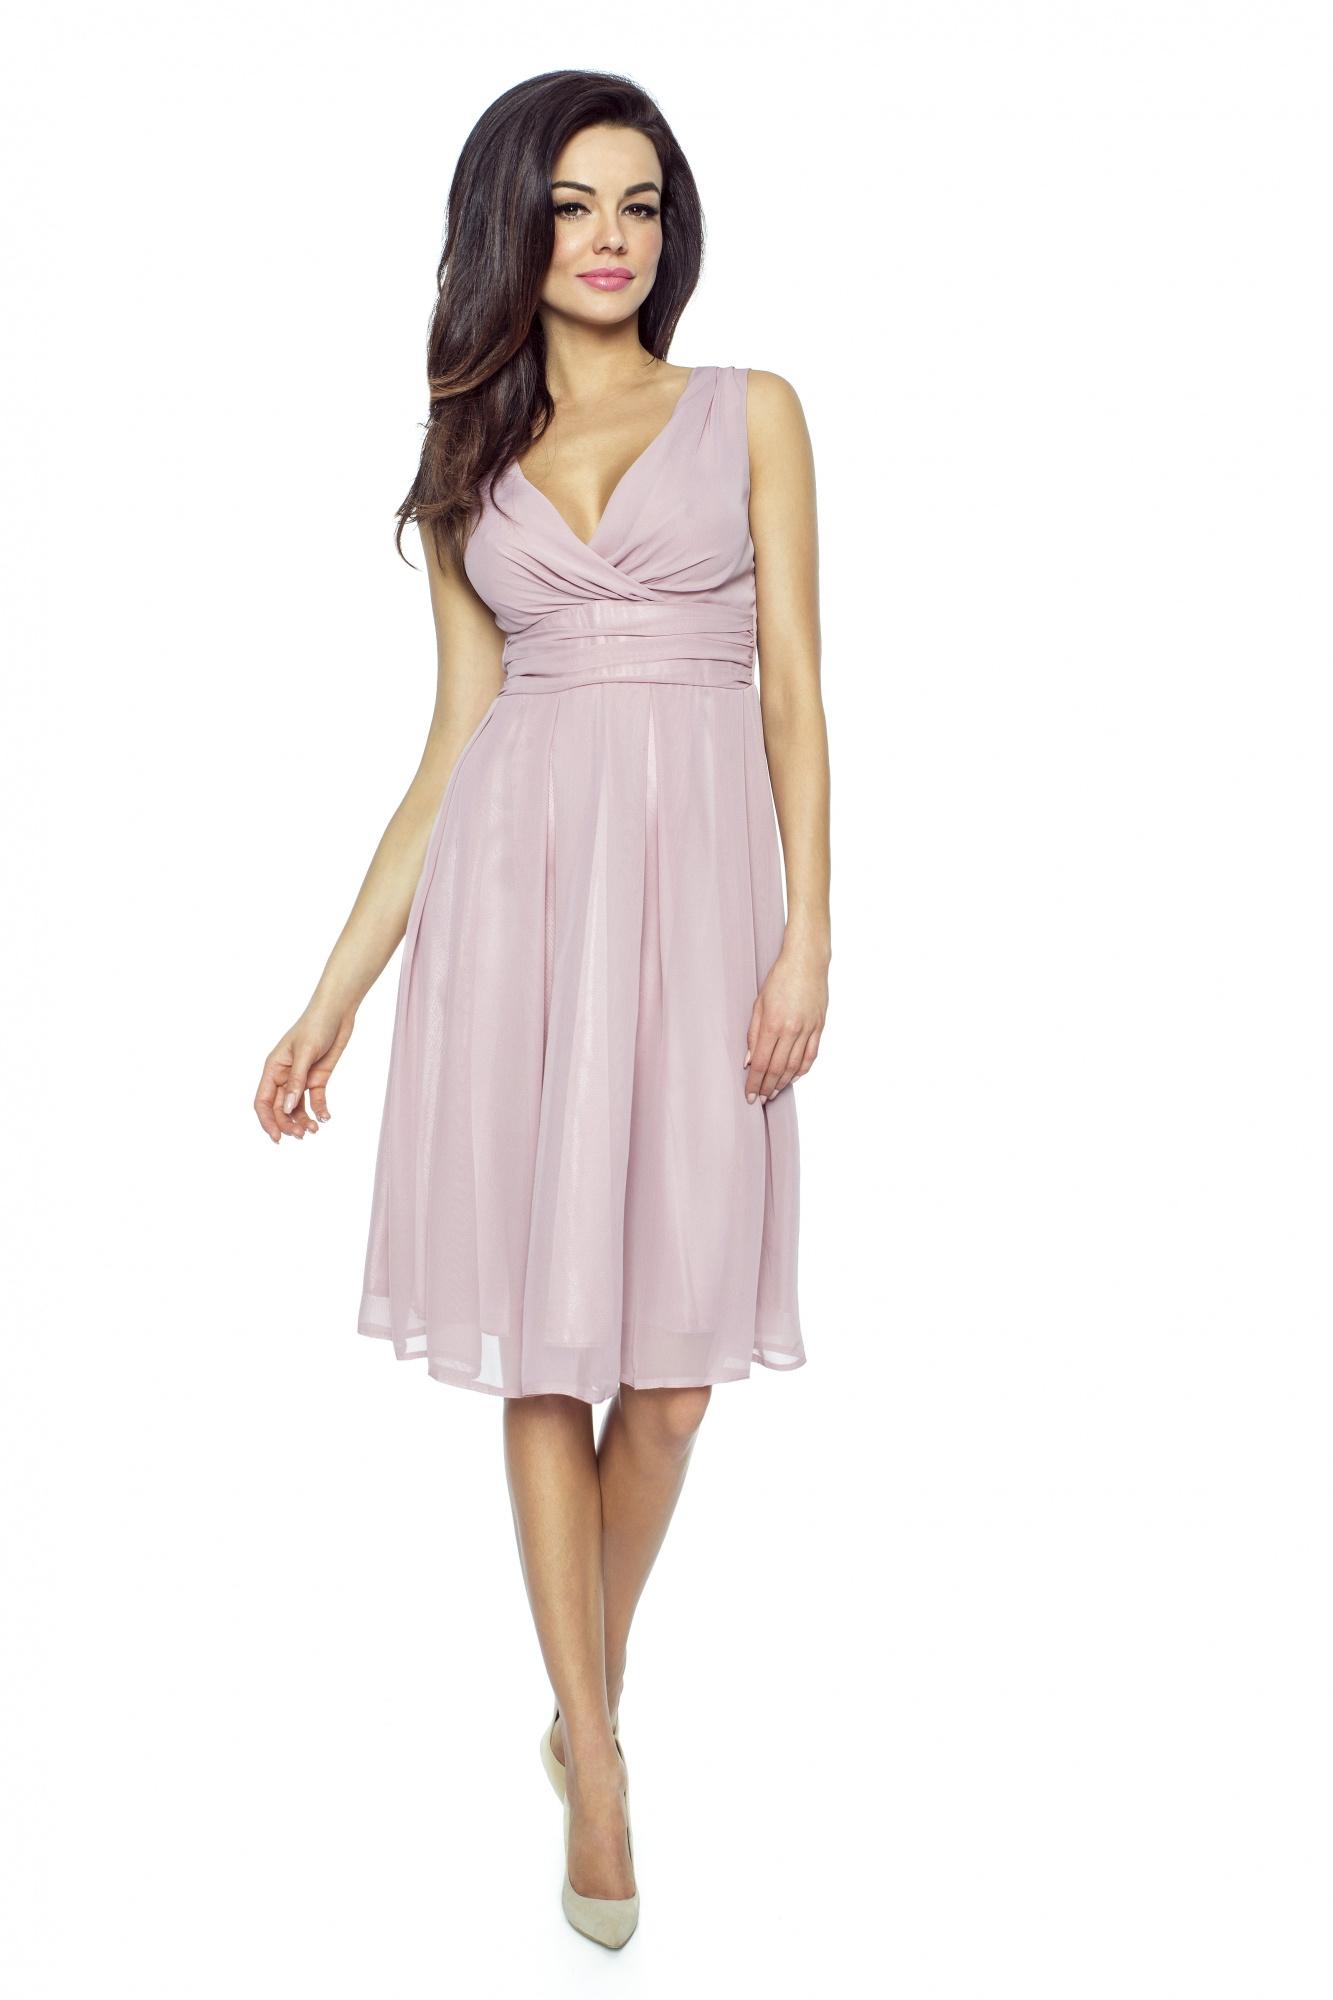 KARTES MODA šaty dámské KM117 šifon obálkový výstřih - Glami.cz 8421aeabd05